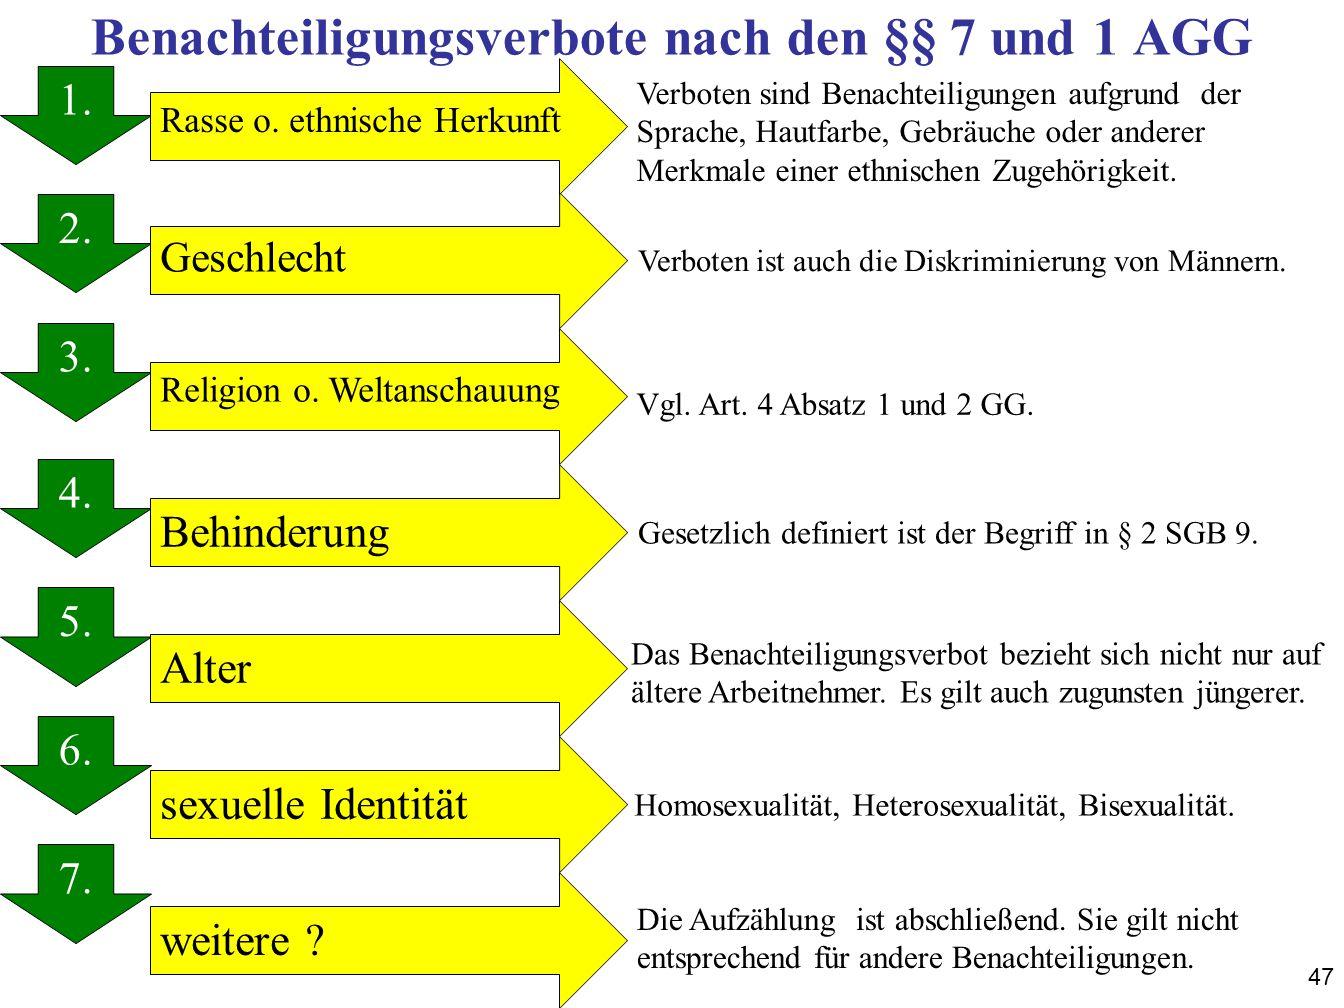 Benachteiligungsverbote nach den §§ 7 und 1 AGG